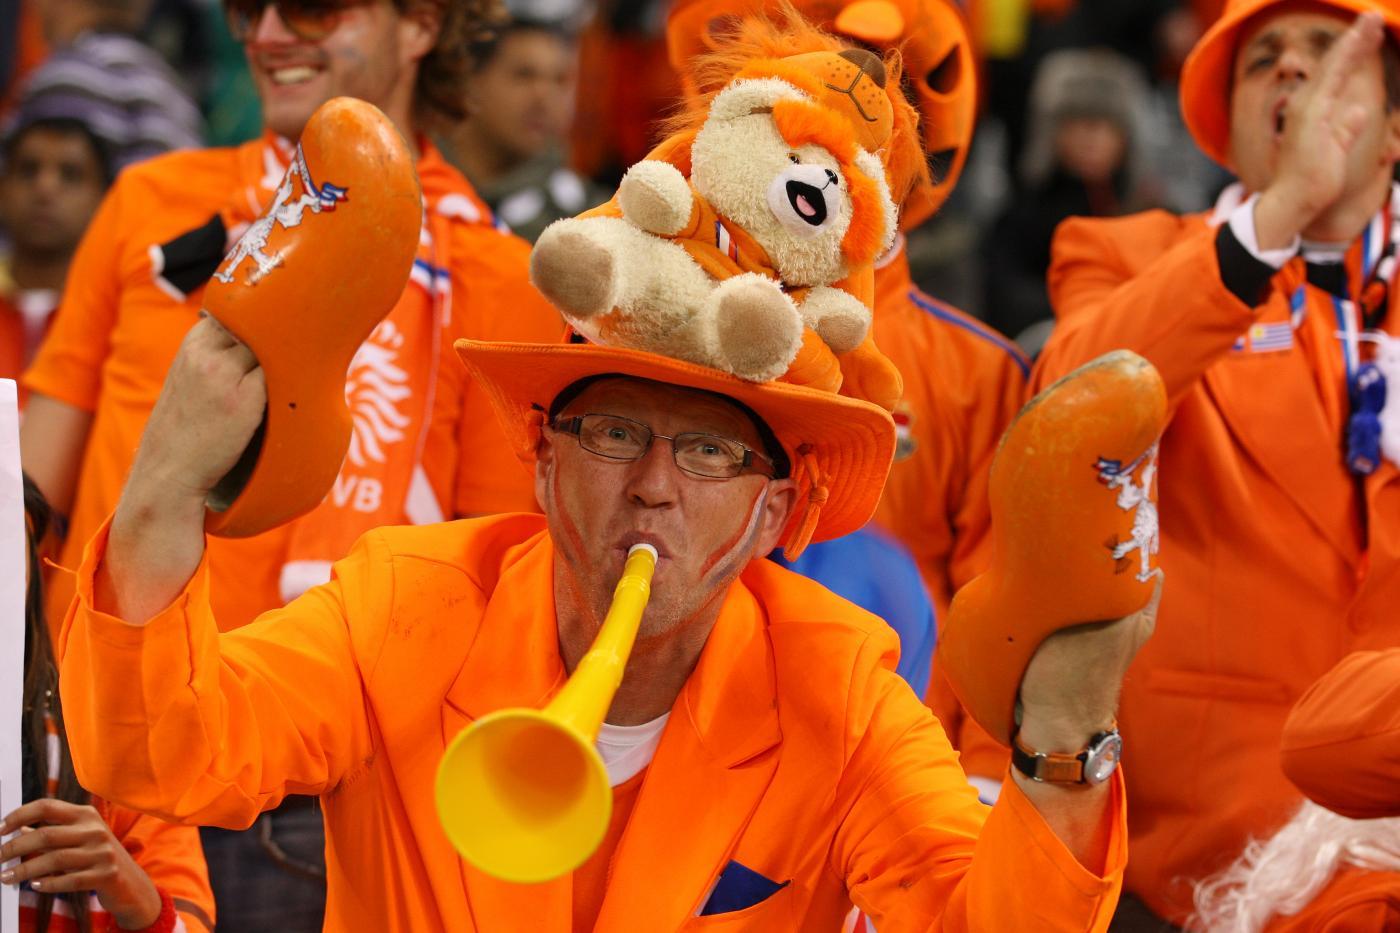 KNVB Beker martedì 25 settembre: in Olanda si giocano i 32esimi della Coppa Nazionale in gara secca